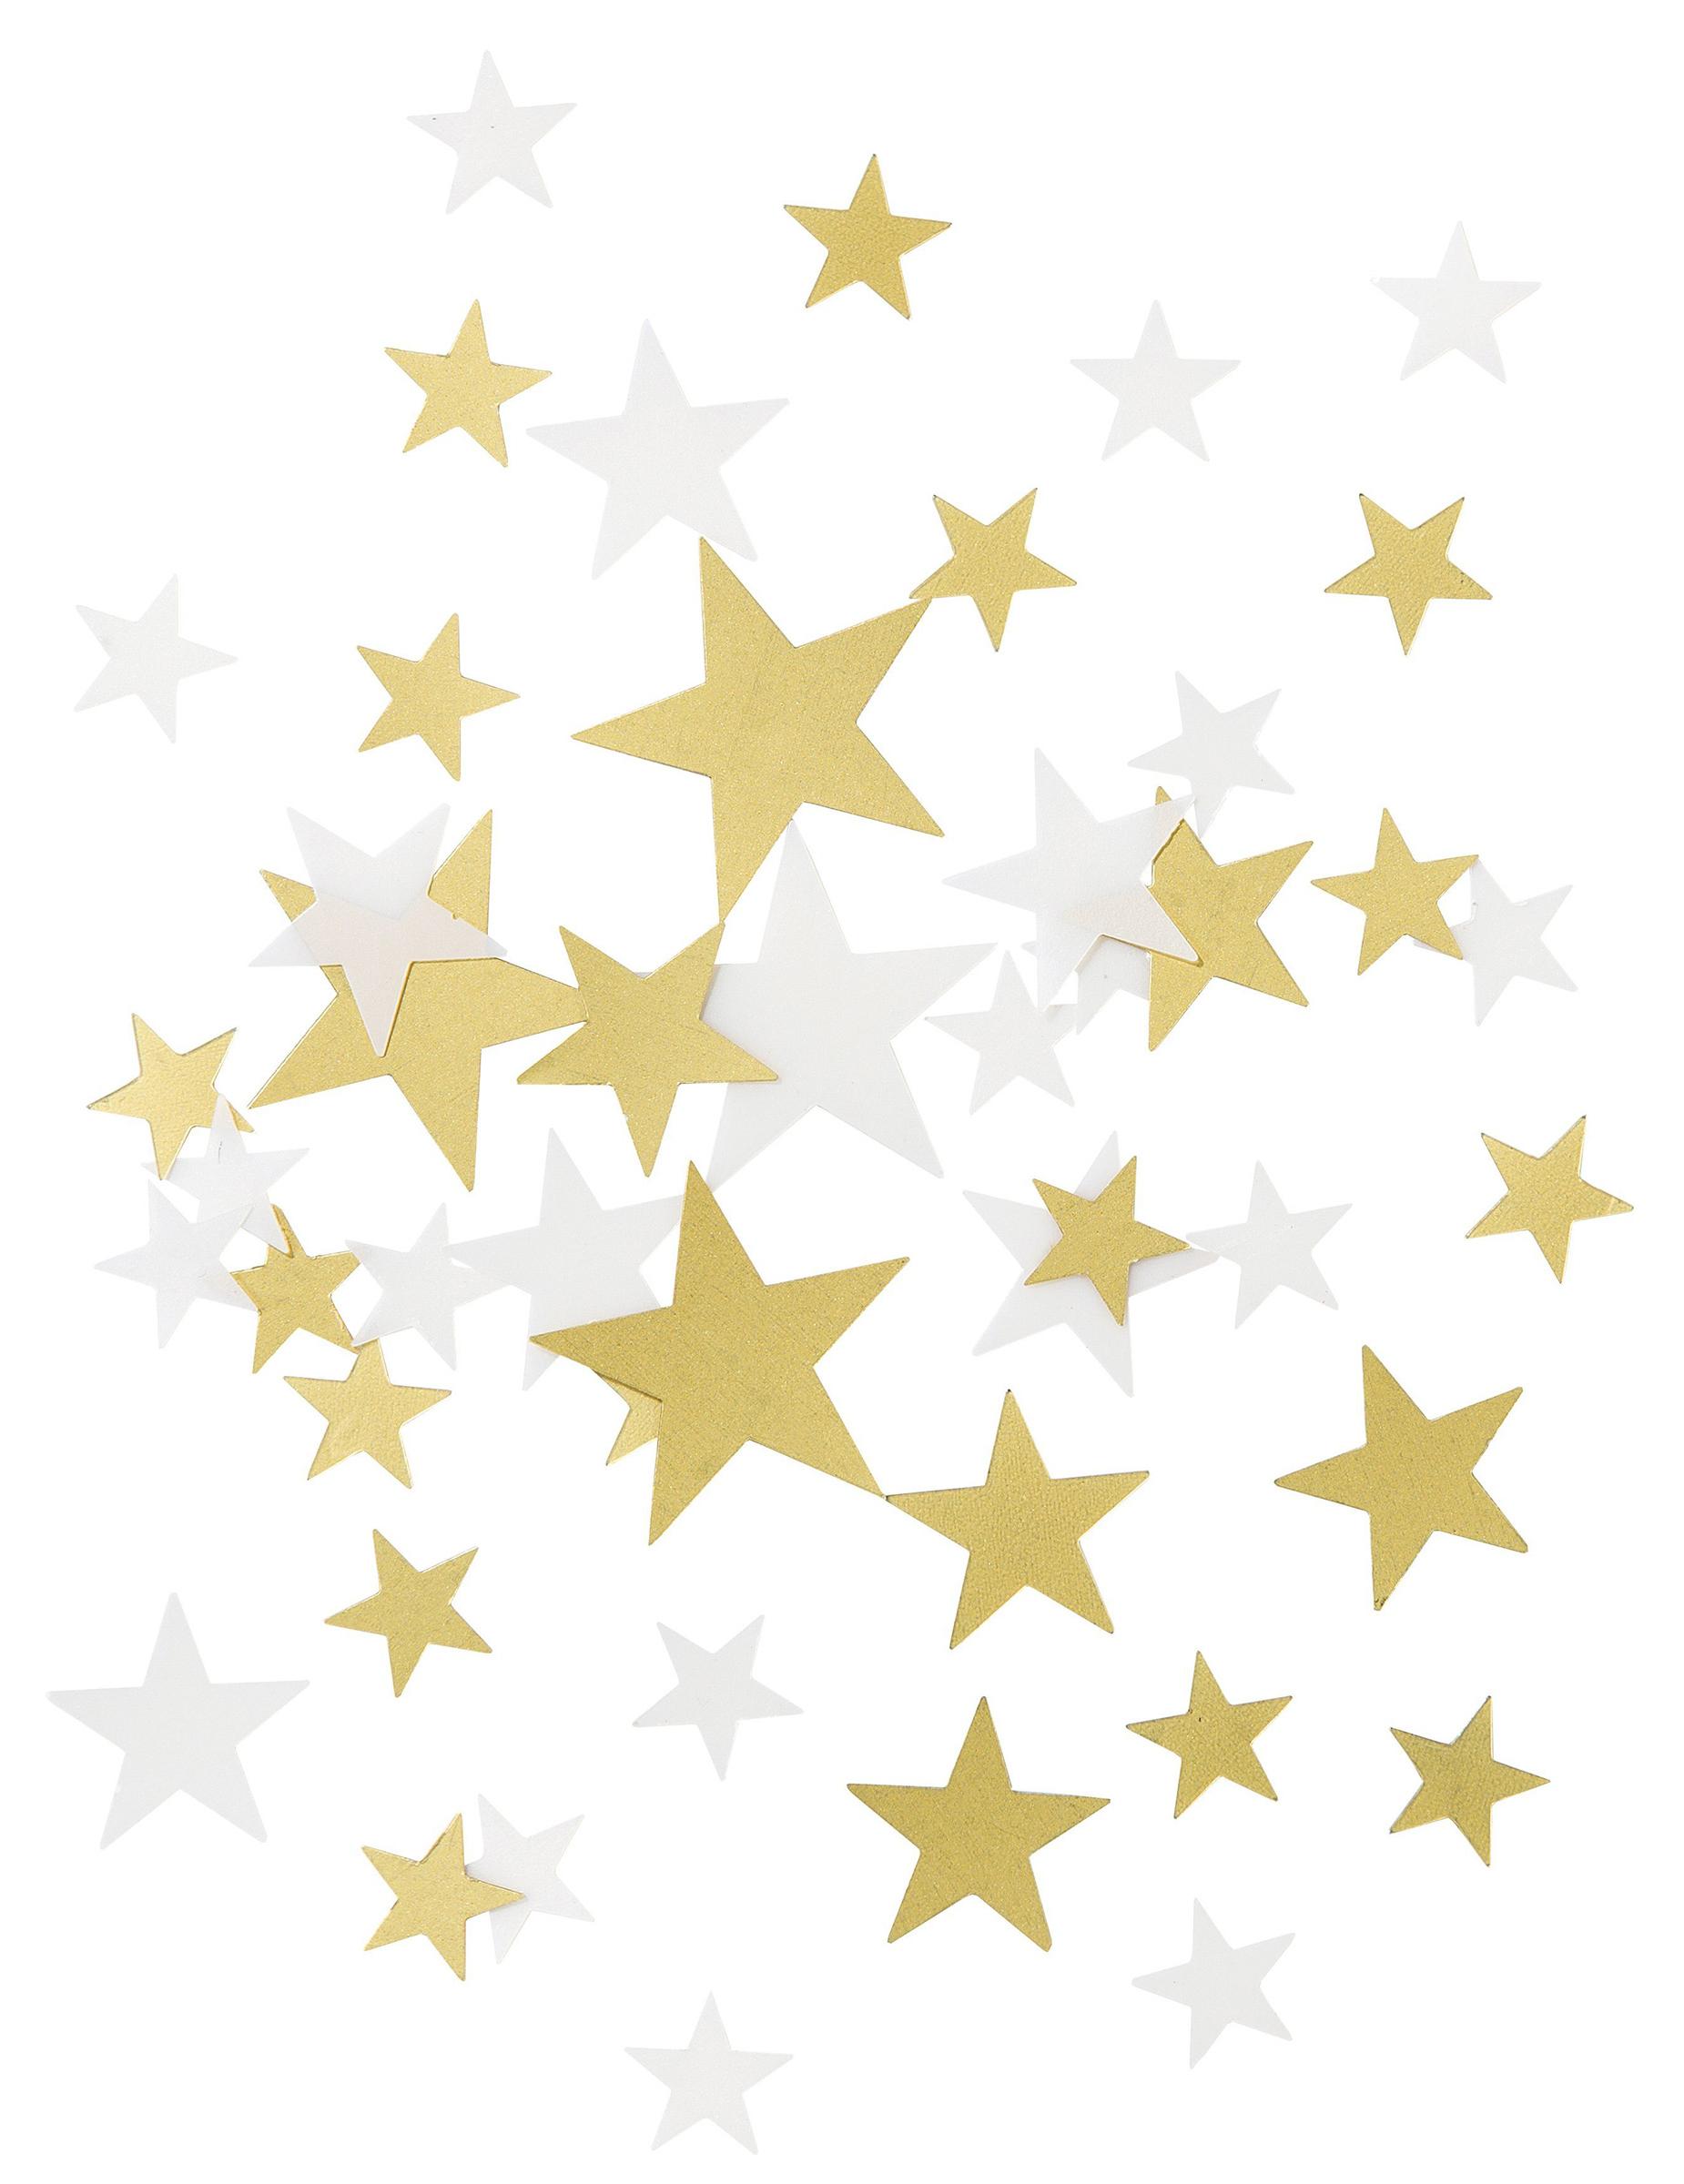 Tischdeko Sterne Konfetti Weiss Gold Gunstige Faschings Partydeko